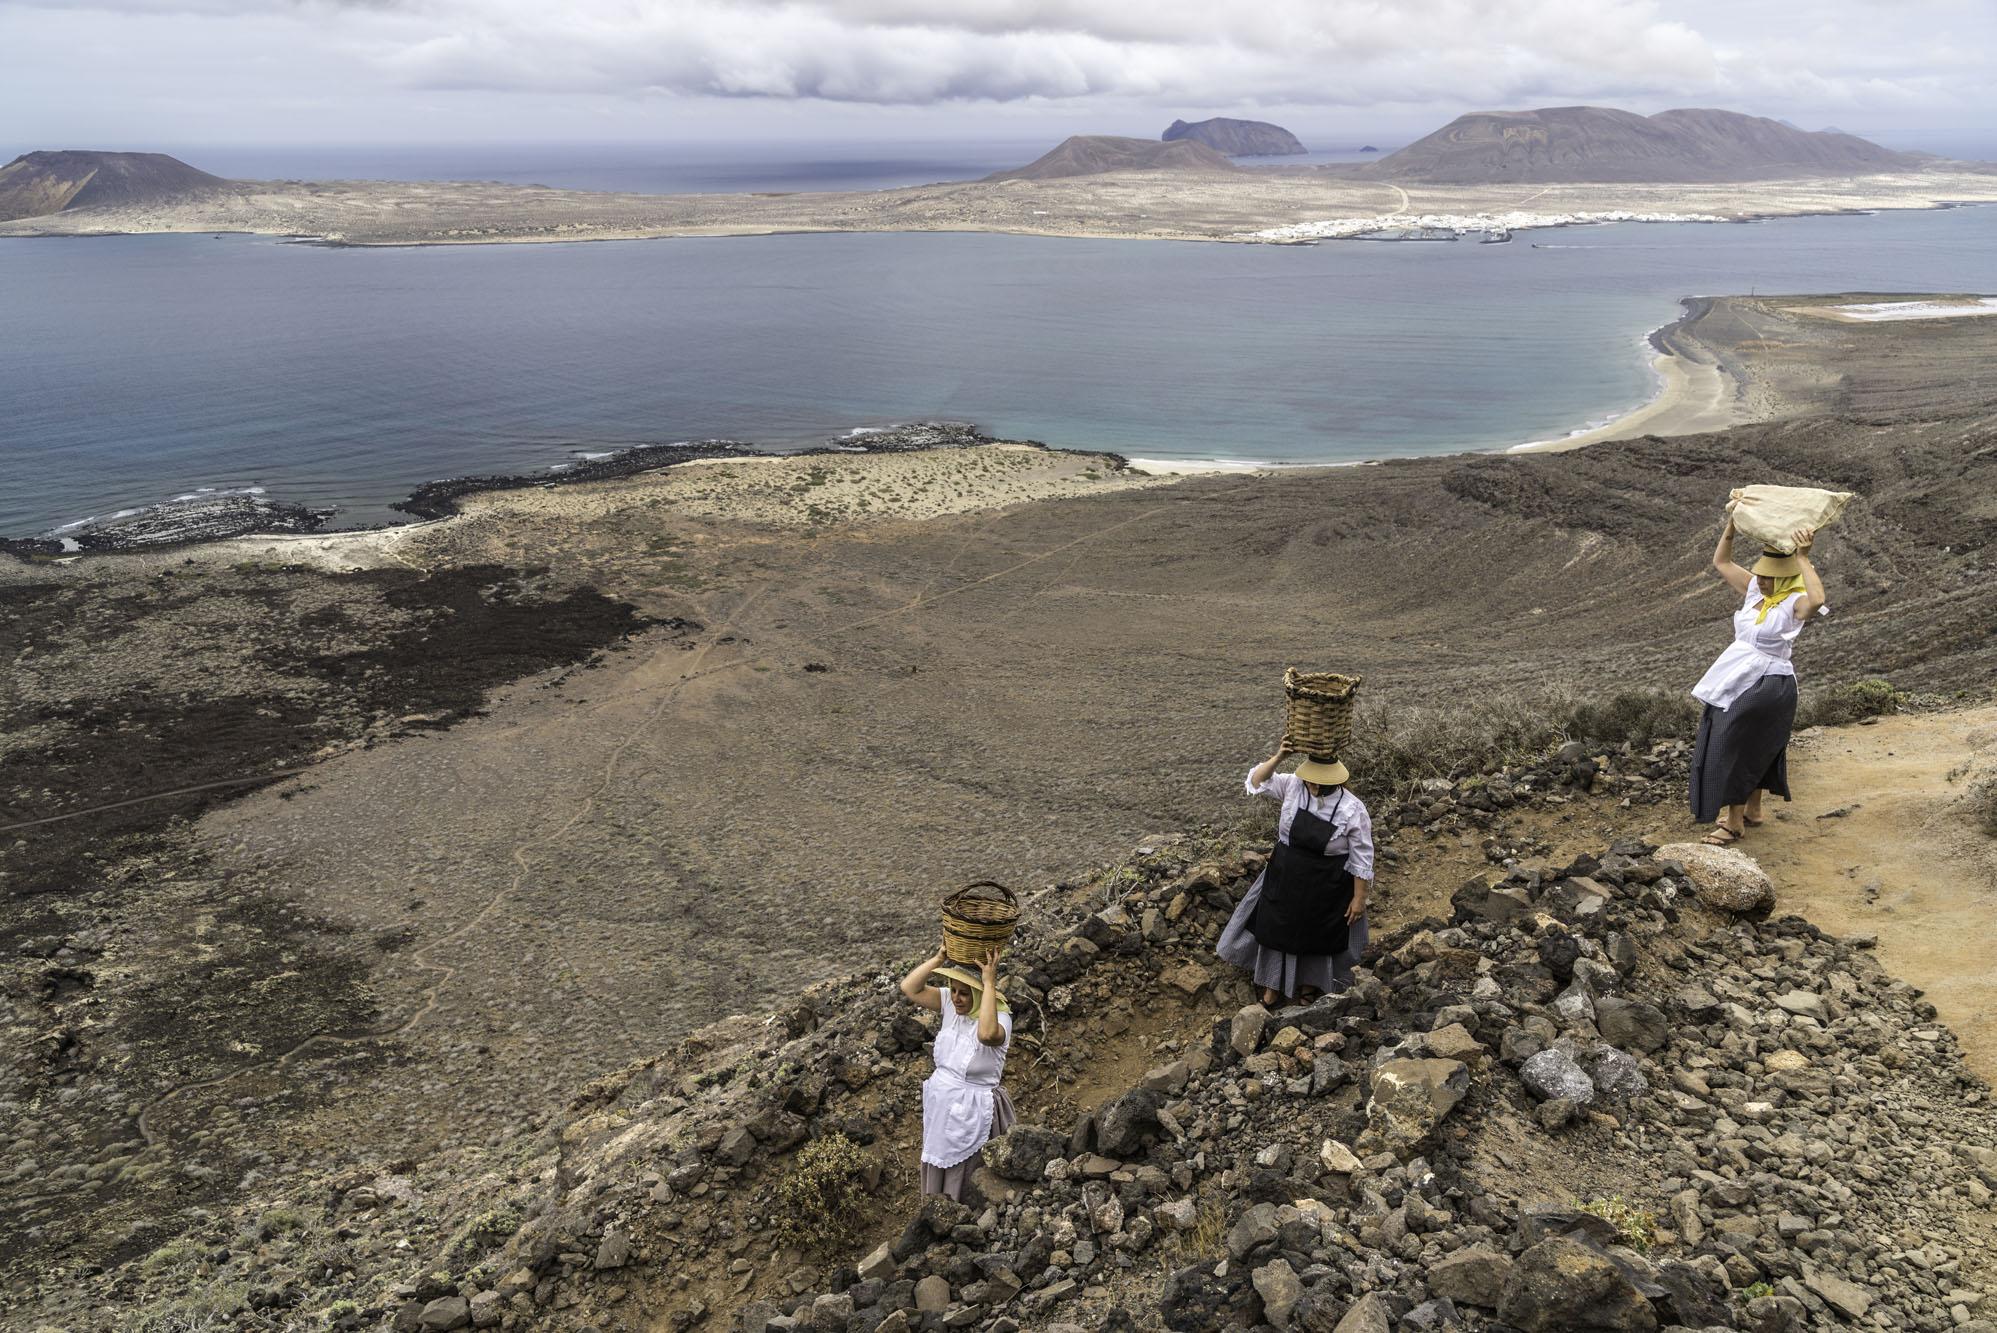 Las mujeres de la Graciosa recorrían la isla a diario con cestas de pescado sobre sus cabezas.